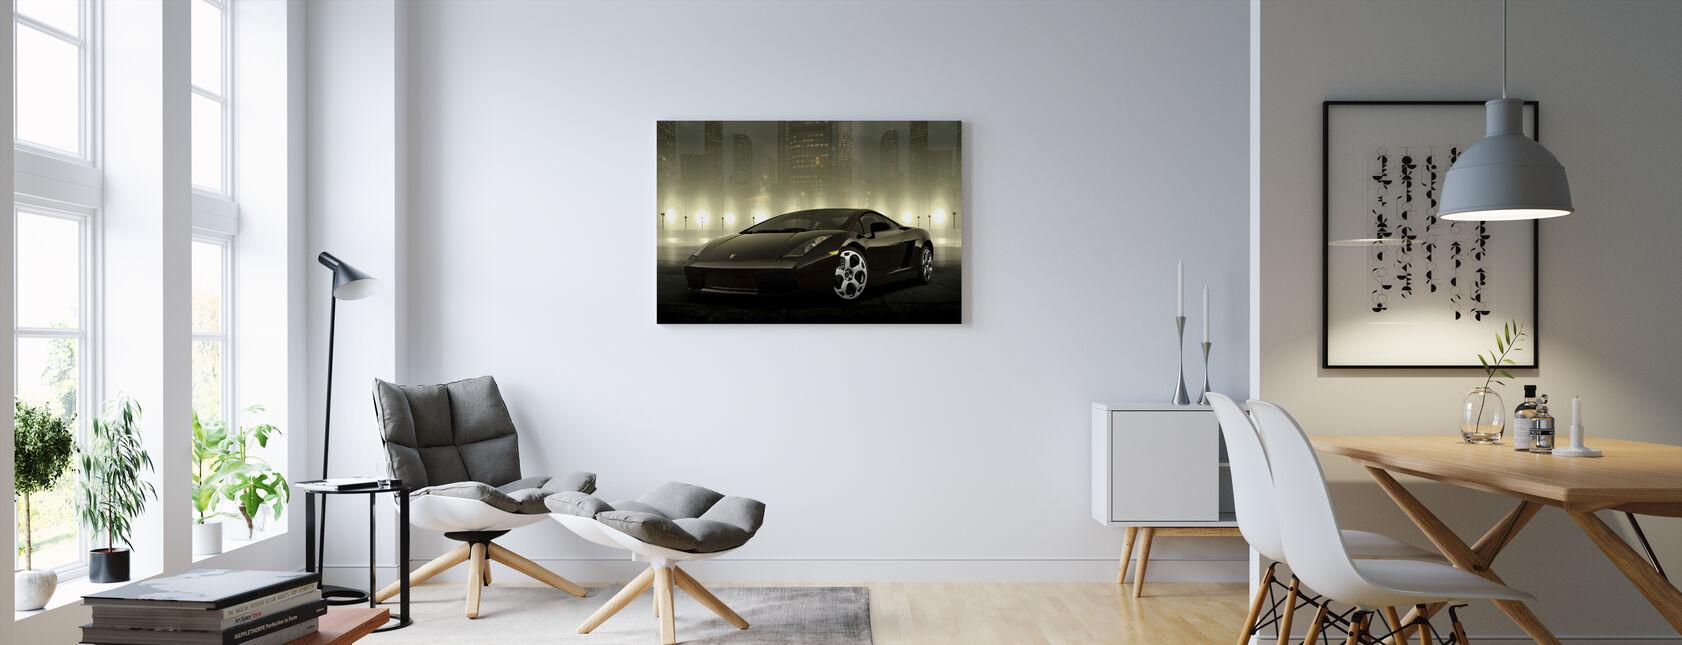 Mørk Lamborghini - Billede på lærred - Stue